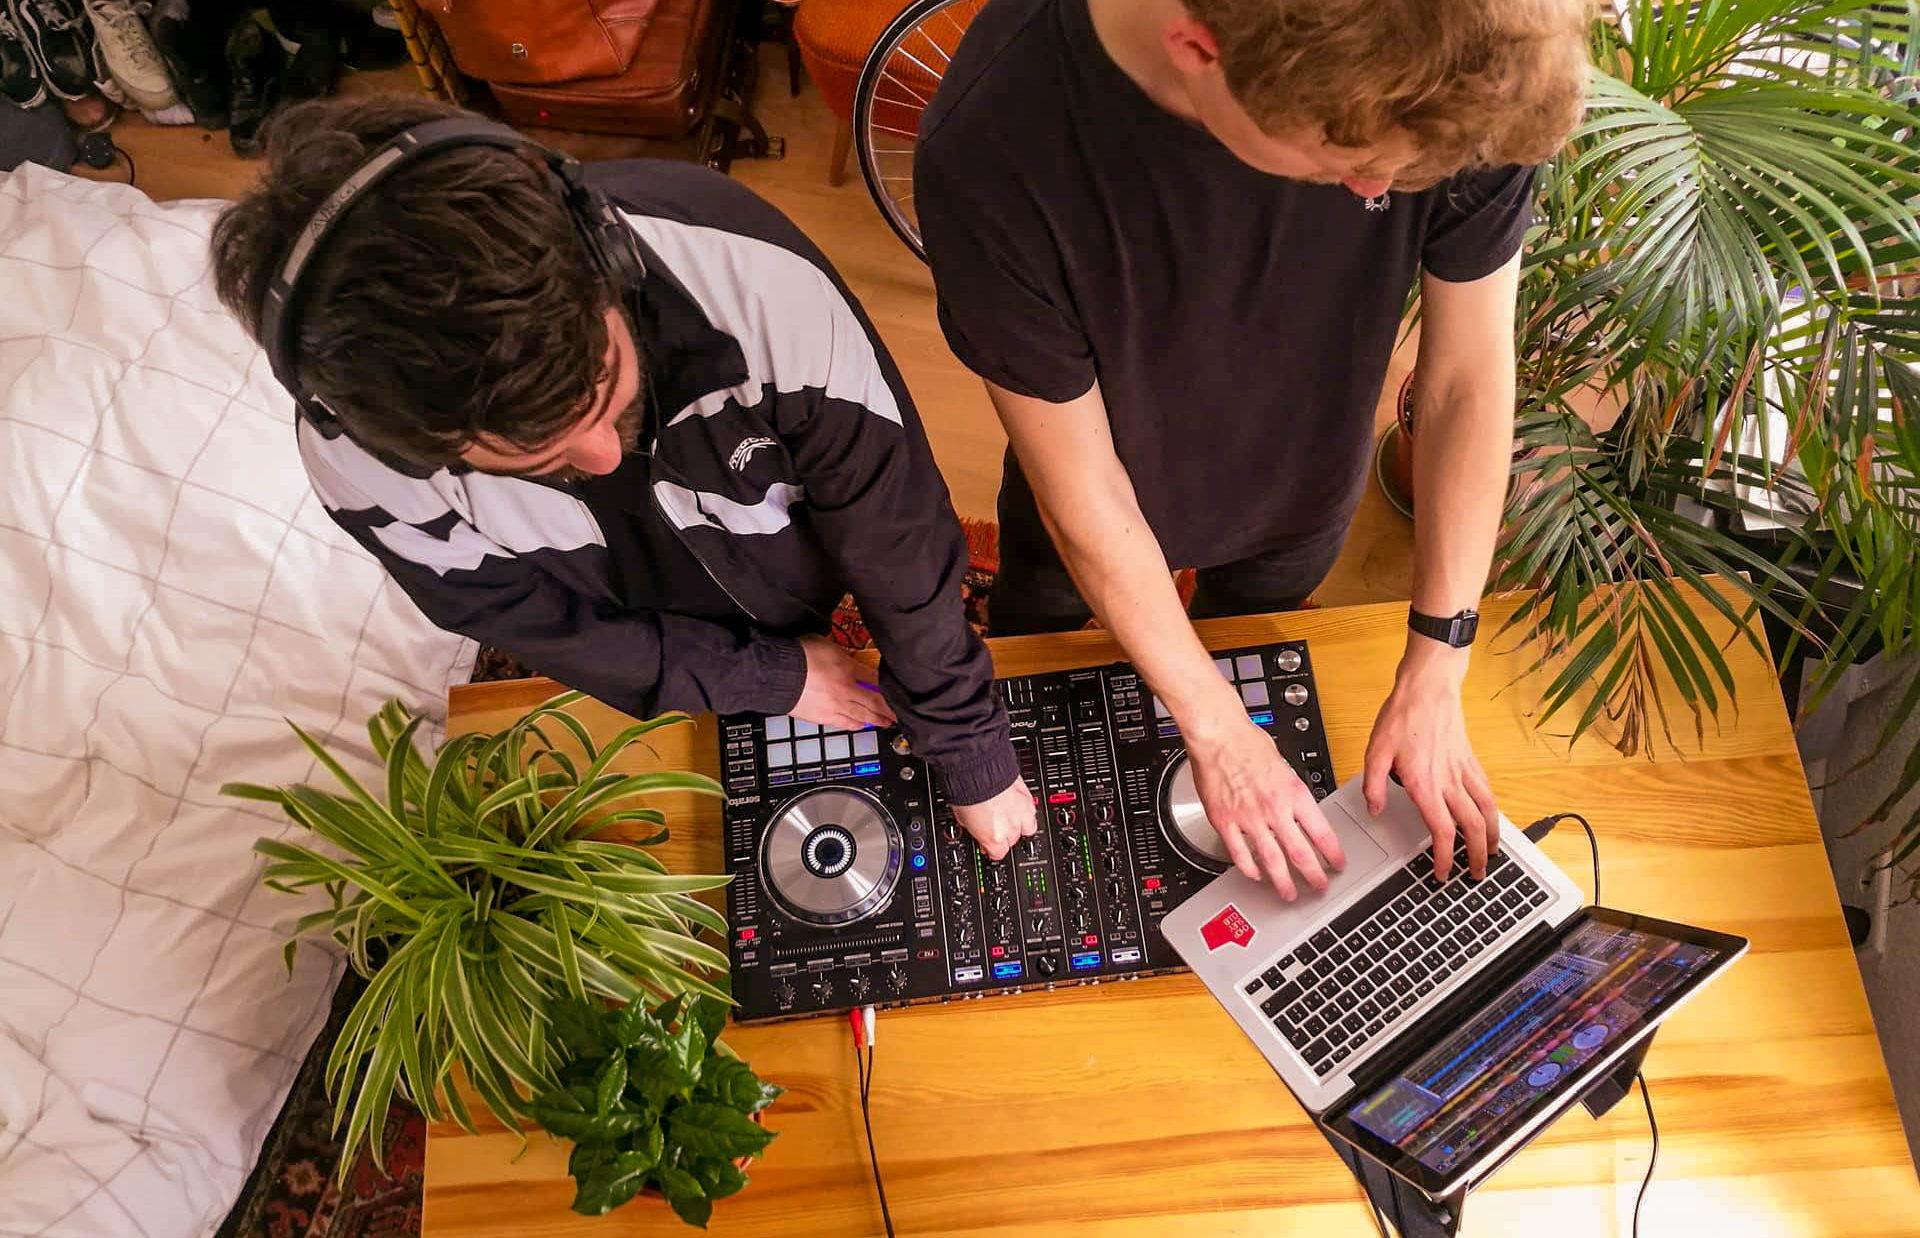 Yannick und David swaggen auch in ihrem Wohnzimmer. Bild: The Postie